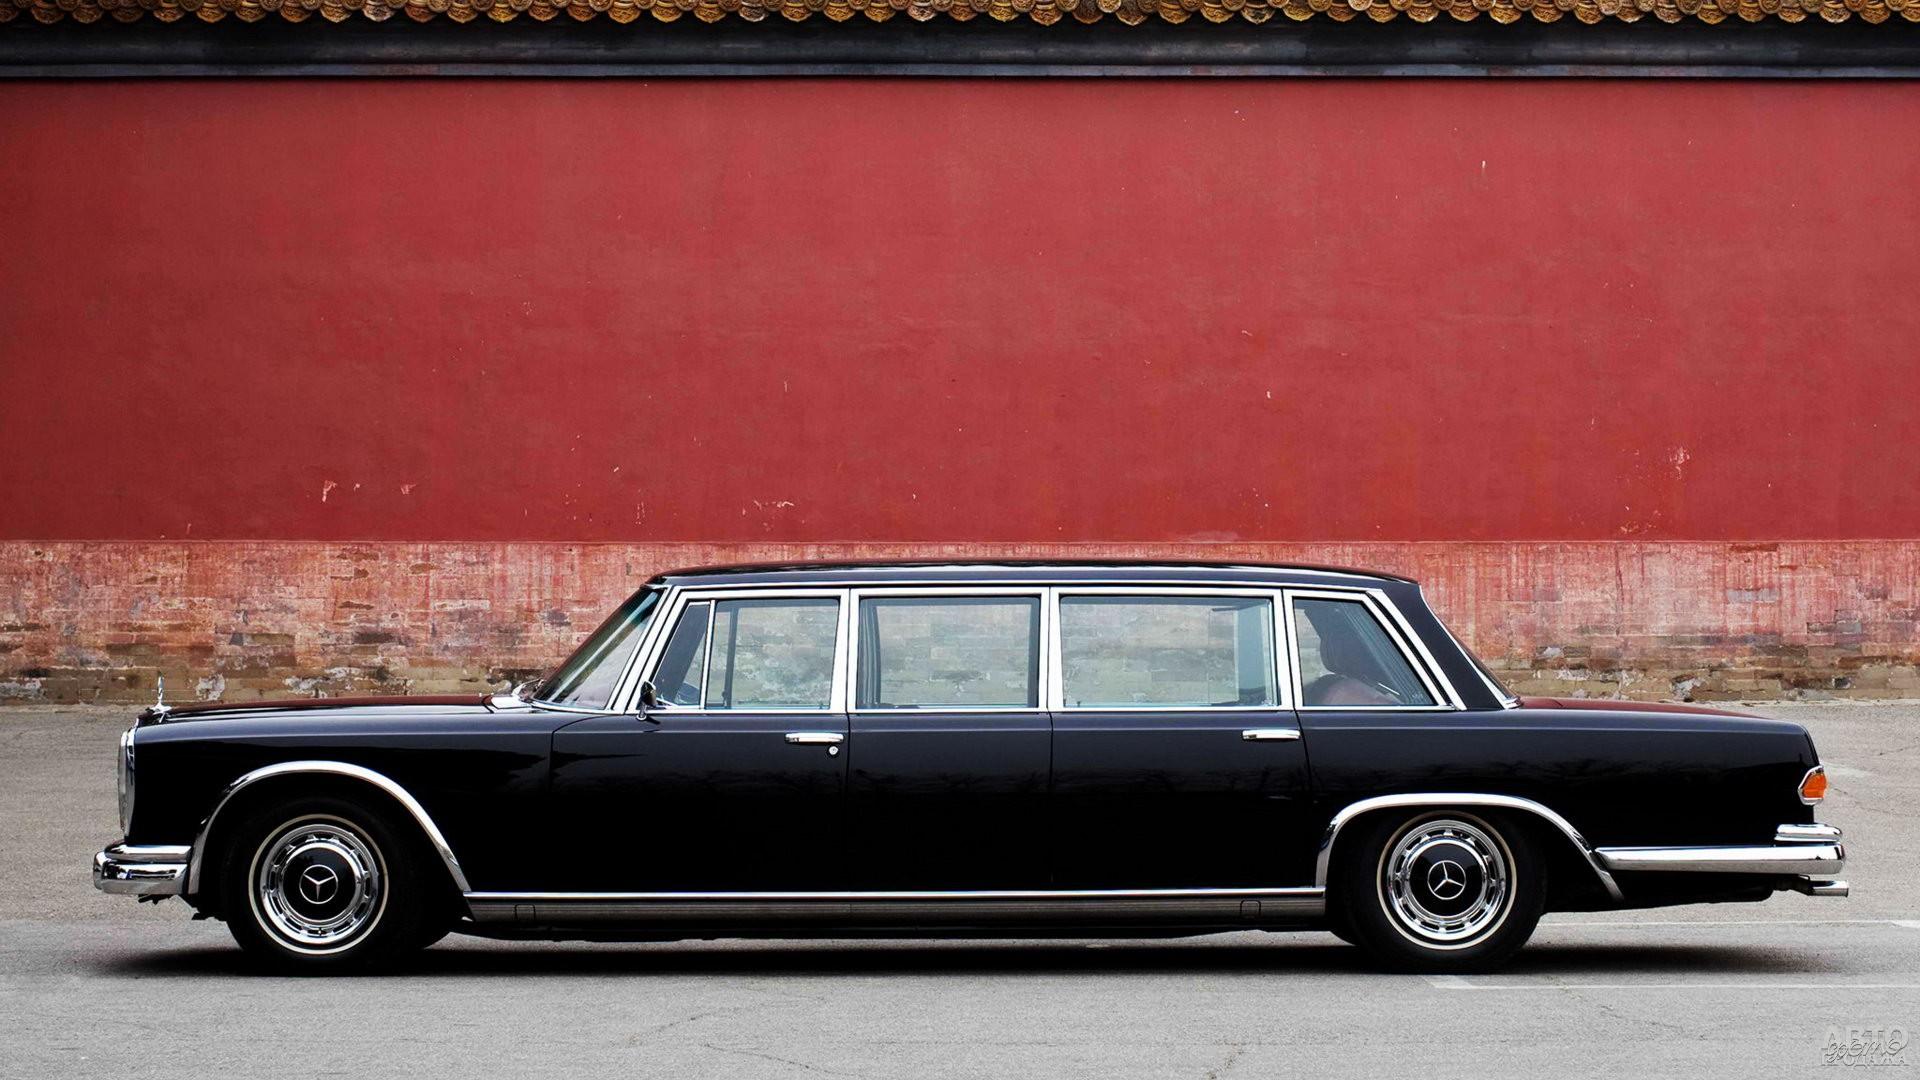 Лимузин Mеrcedes-Benz 600 Pullman 1963 года достигал 6,2 м в длину